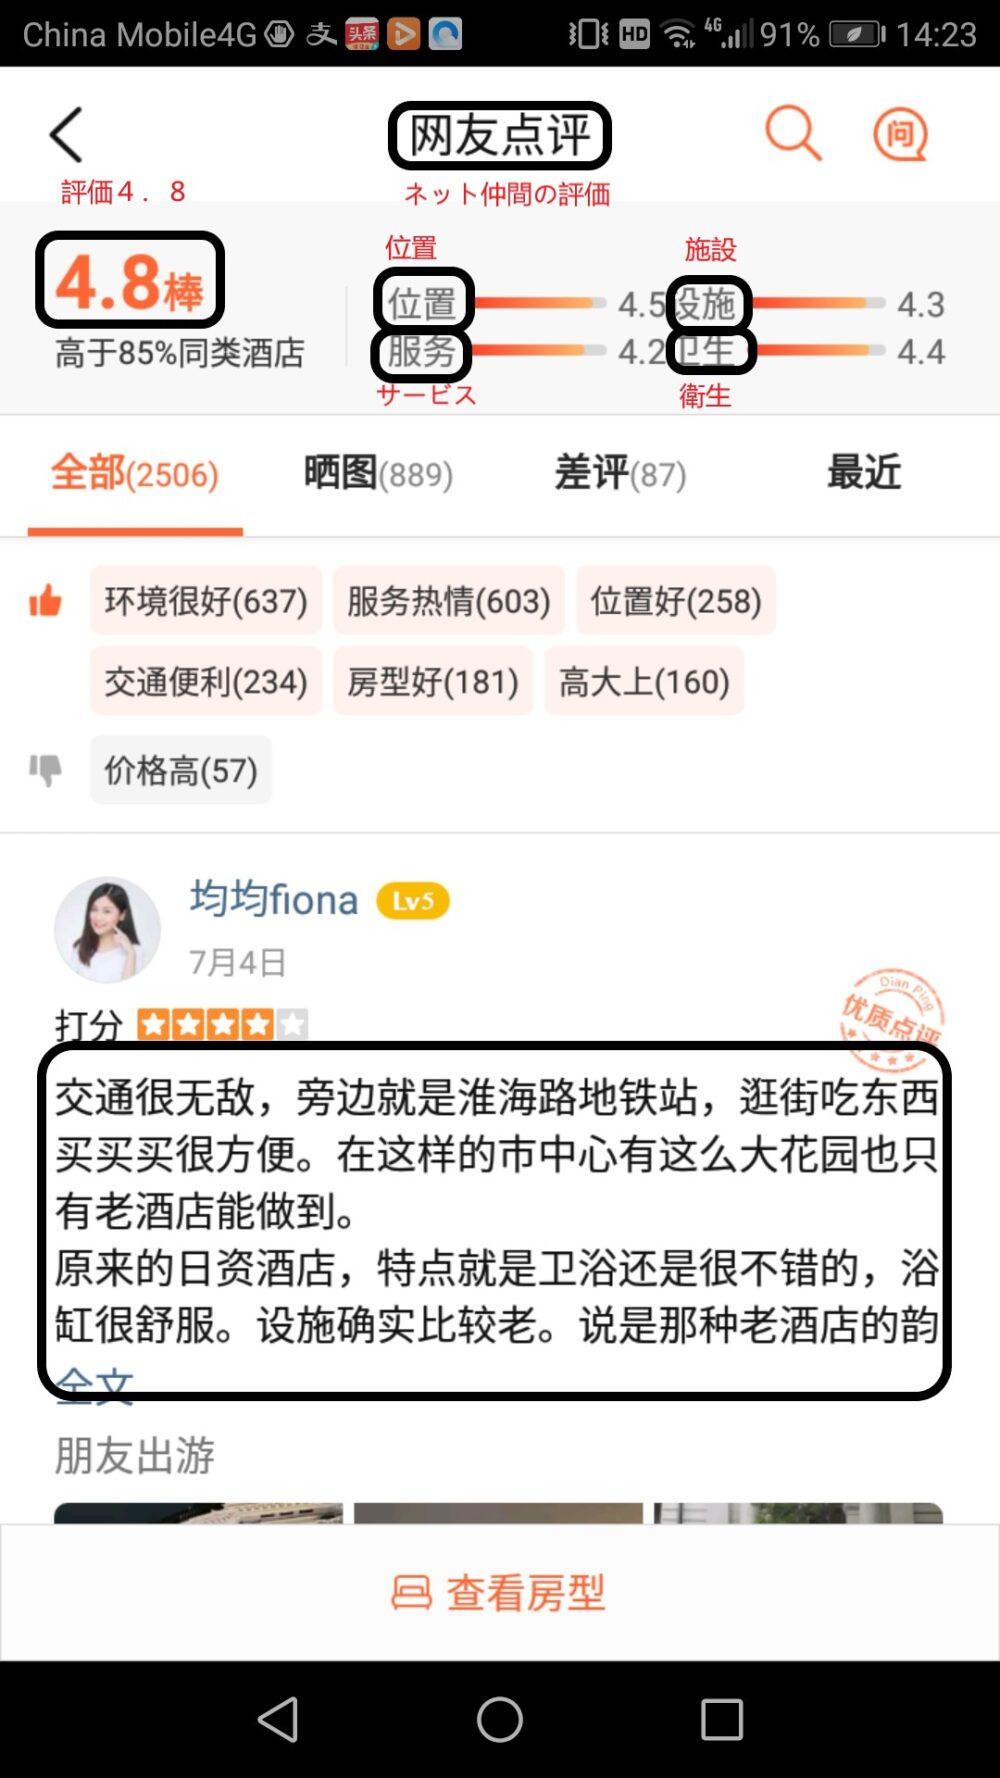 中国で最も信頼されている口コミサイト「大衆点評」による評価です